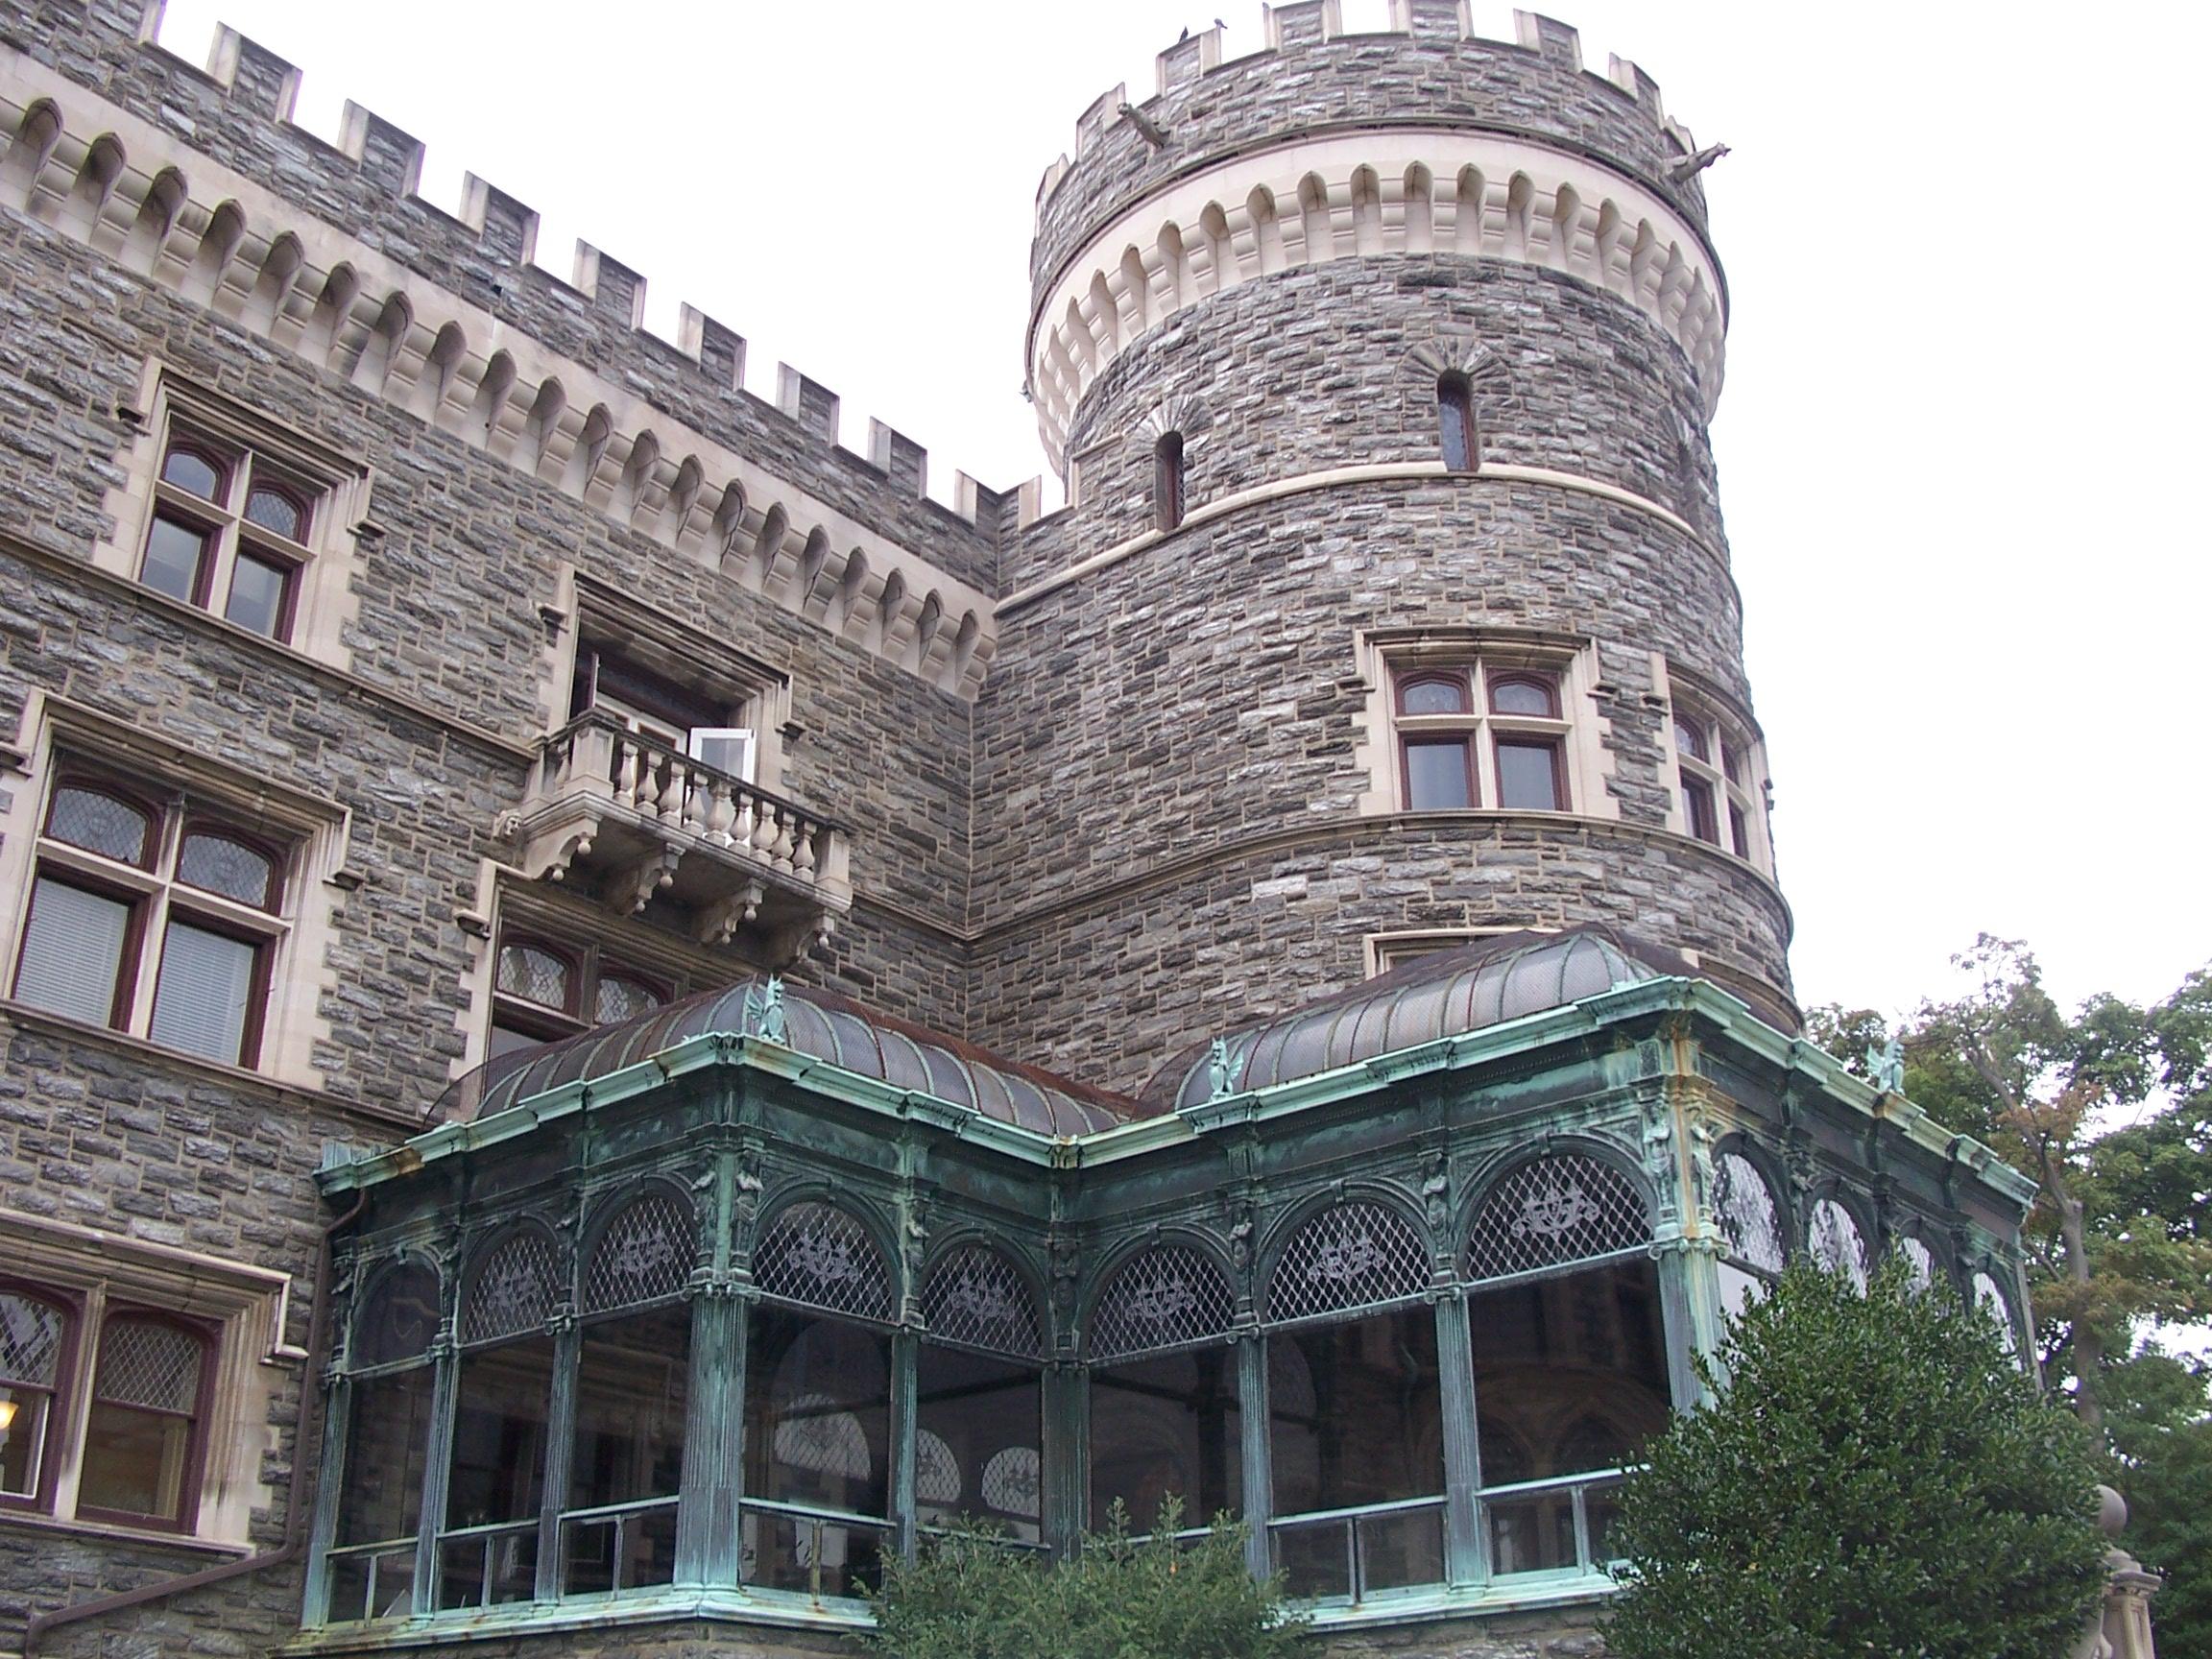 grey-towers-castle-2.jpg